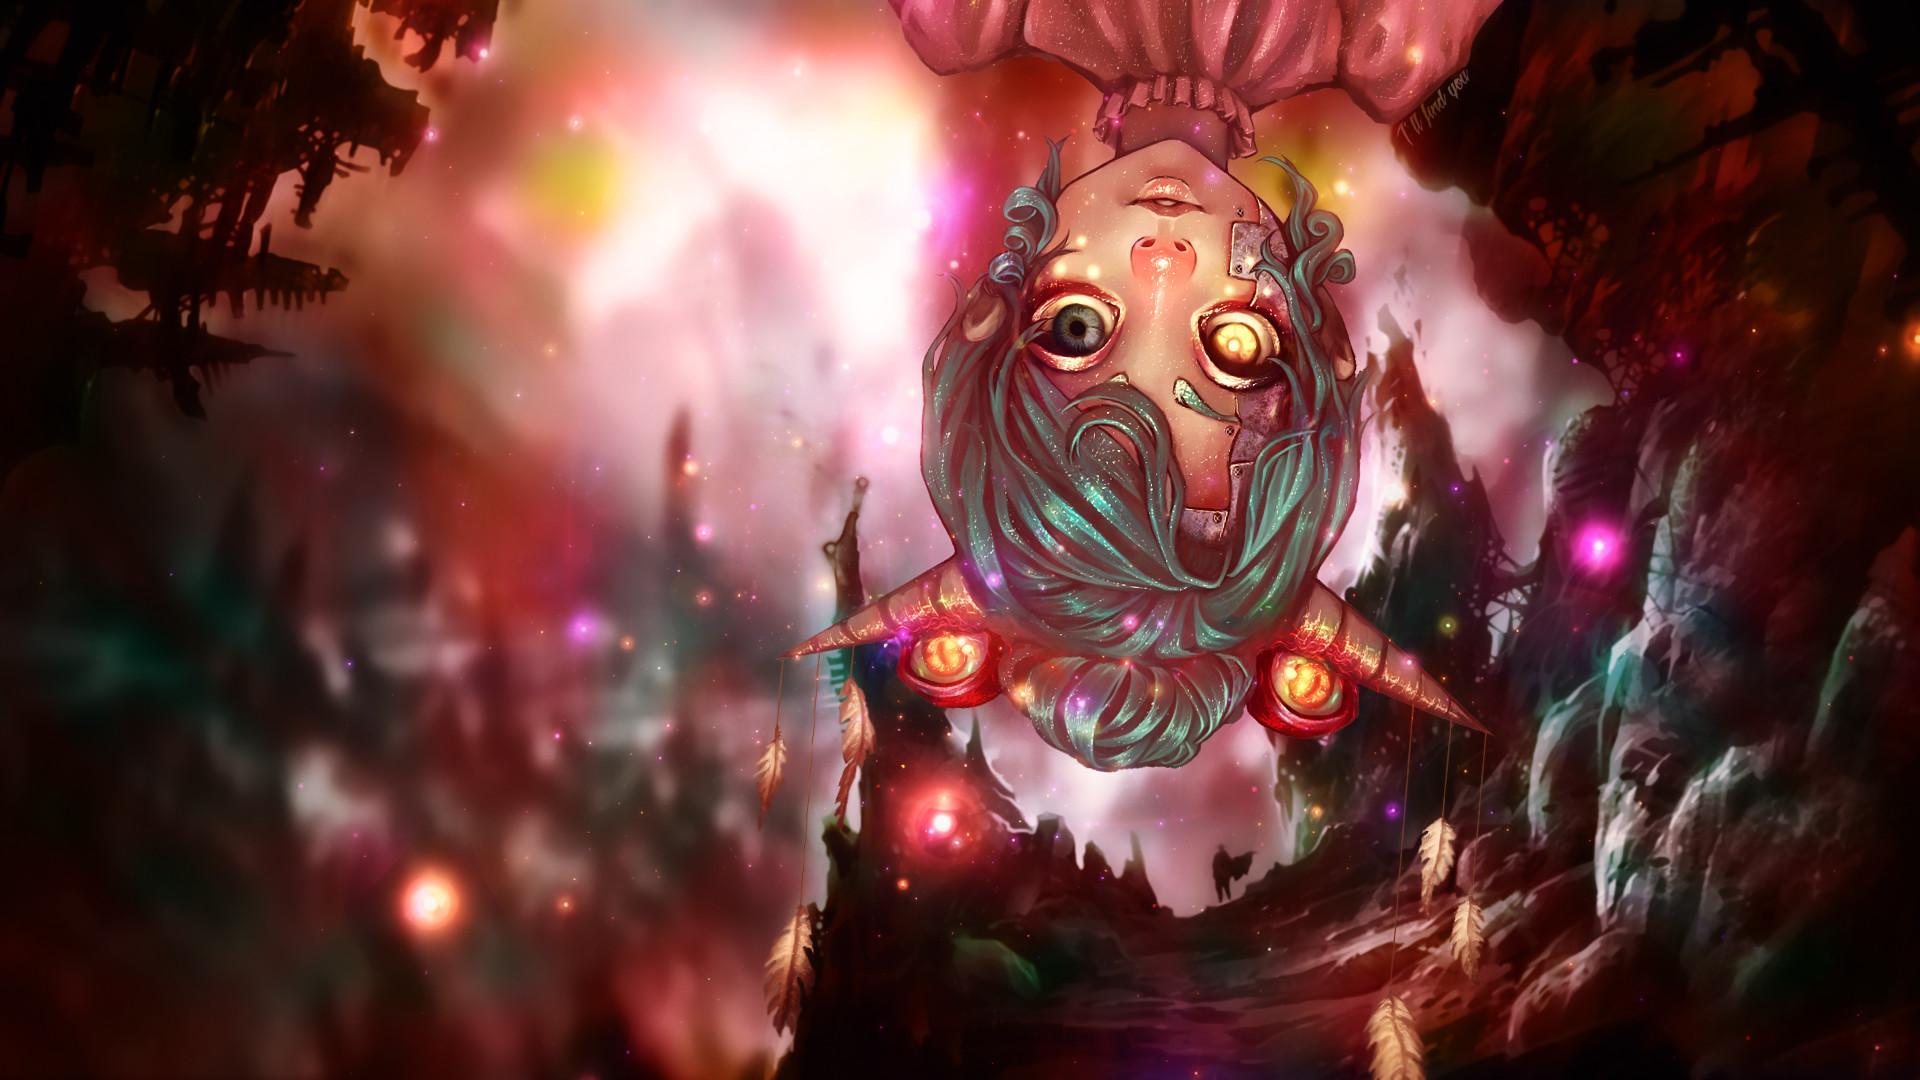 Res: 1920x1080, ... Eyed Demon Horn Anime Girl Wallpaper -  by IAMFX